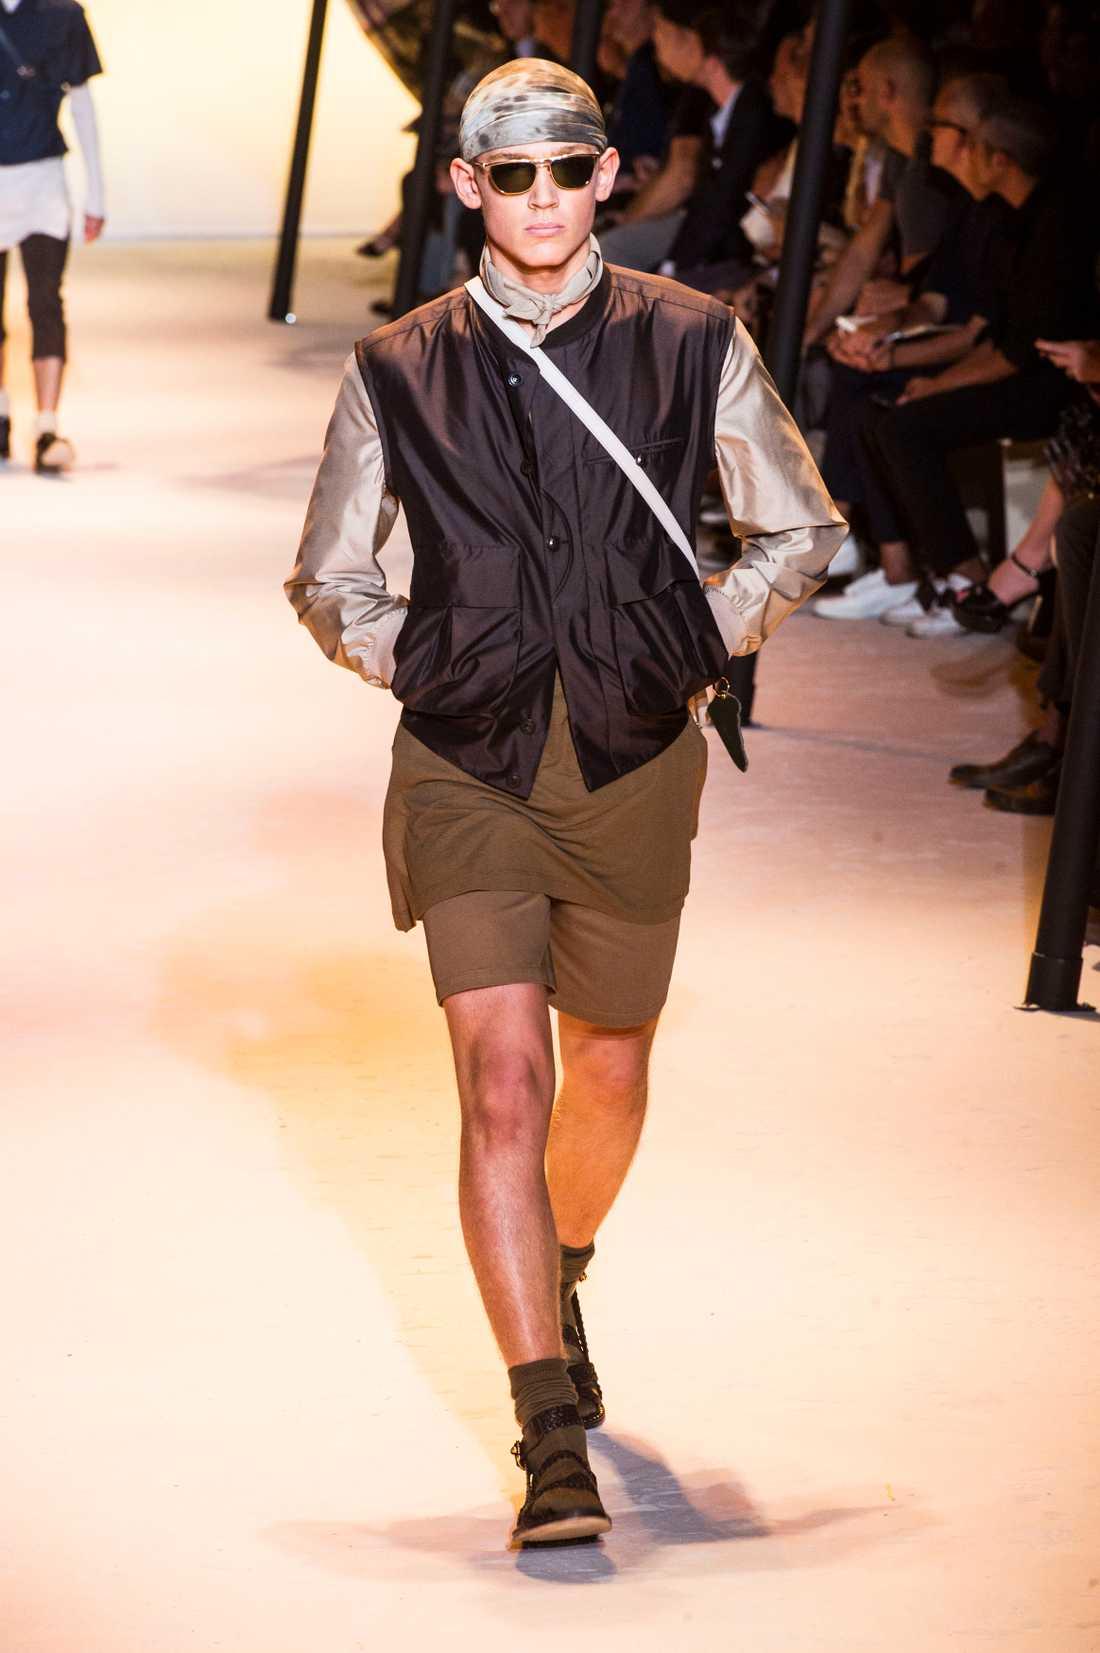 En av modellerna som bar strumpor och sandaler på modeveckan i Milano.